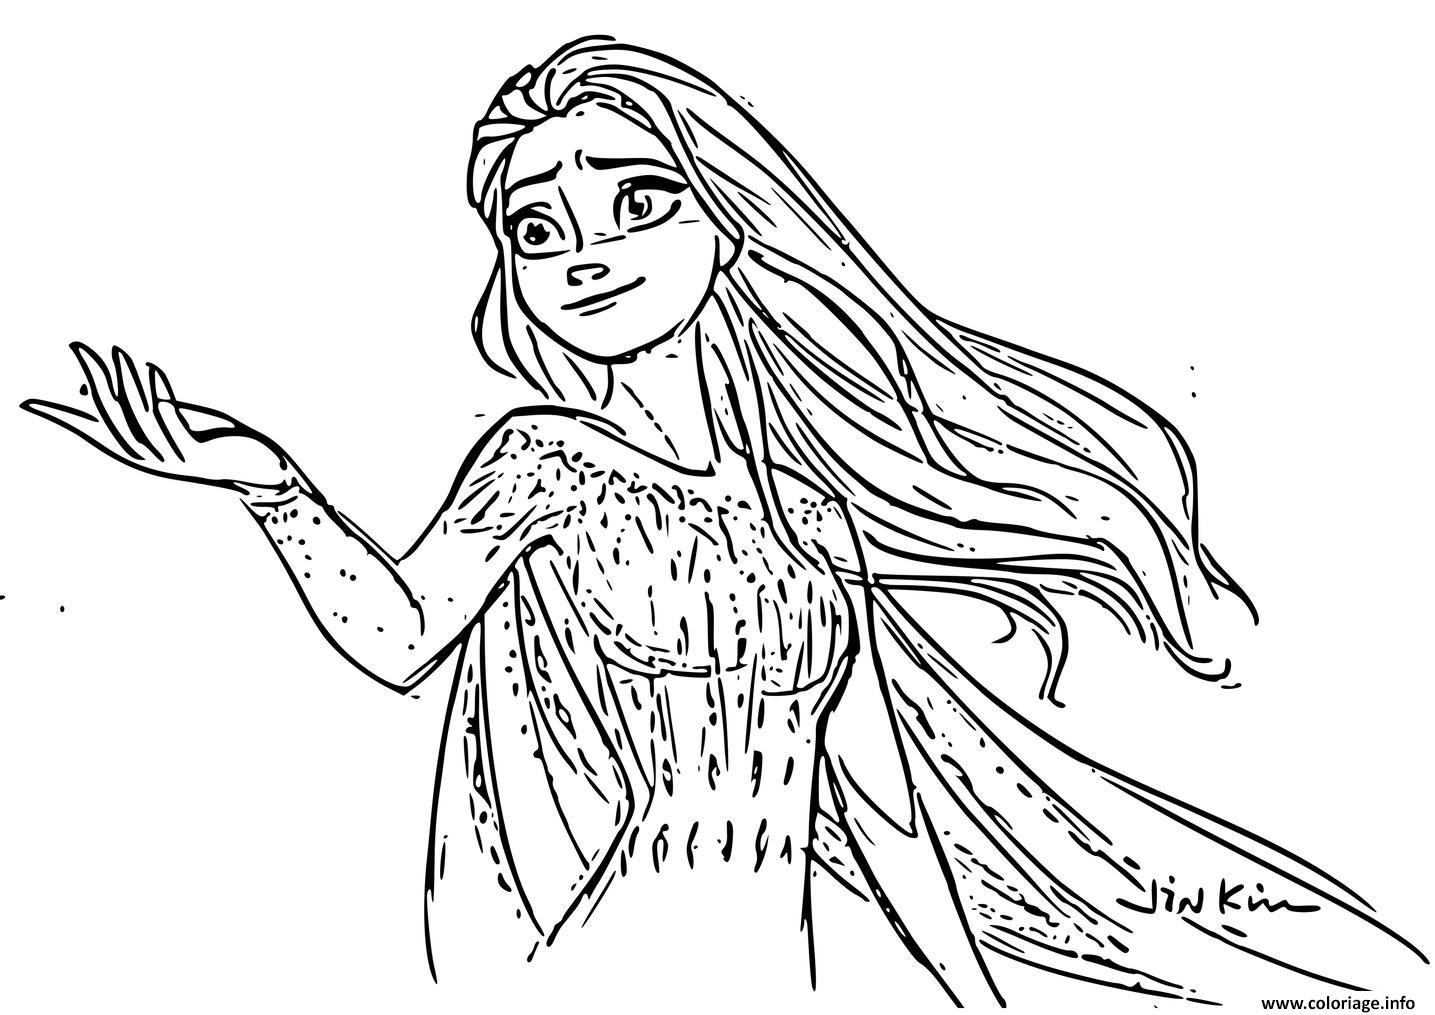 Coloriage Elsa Reine Des Neiges 2 Dans La Foret Enchantee ...